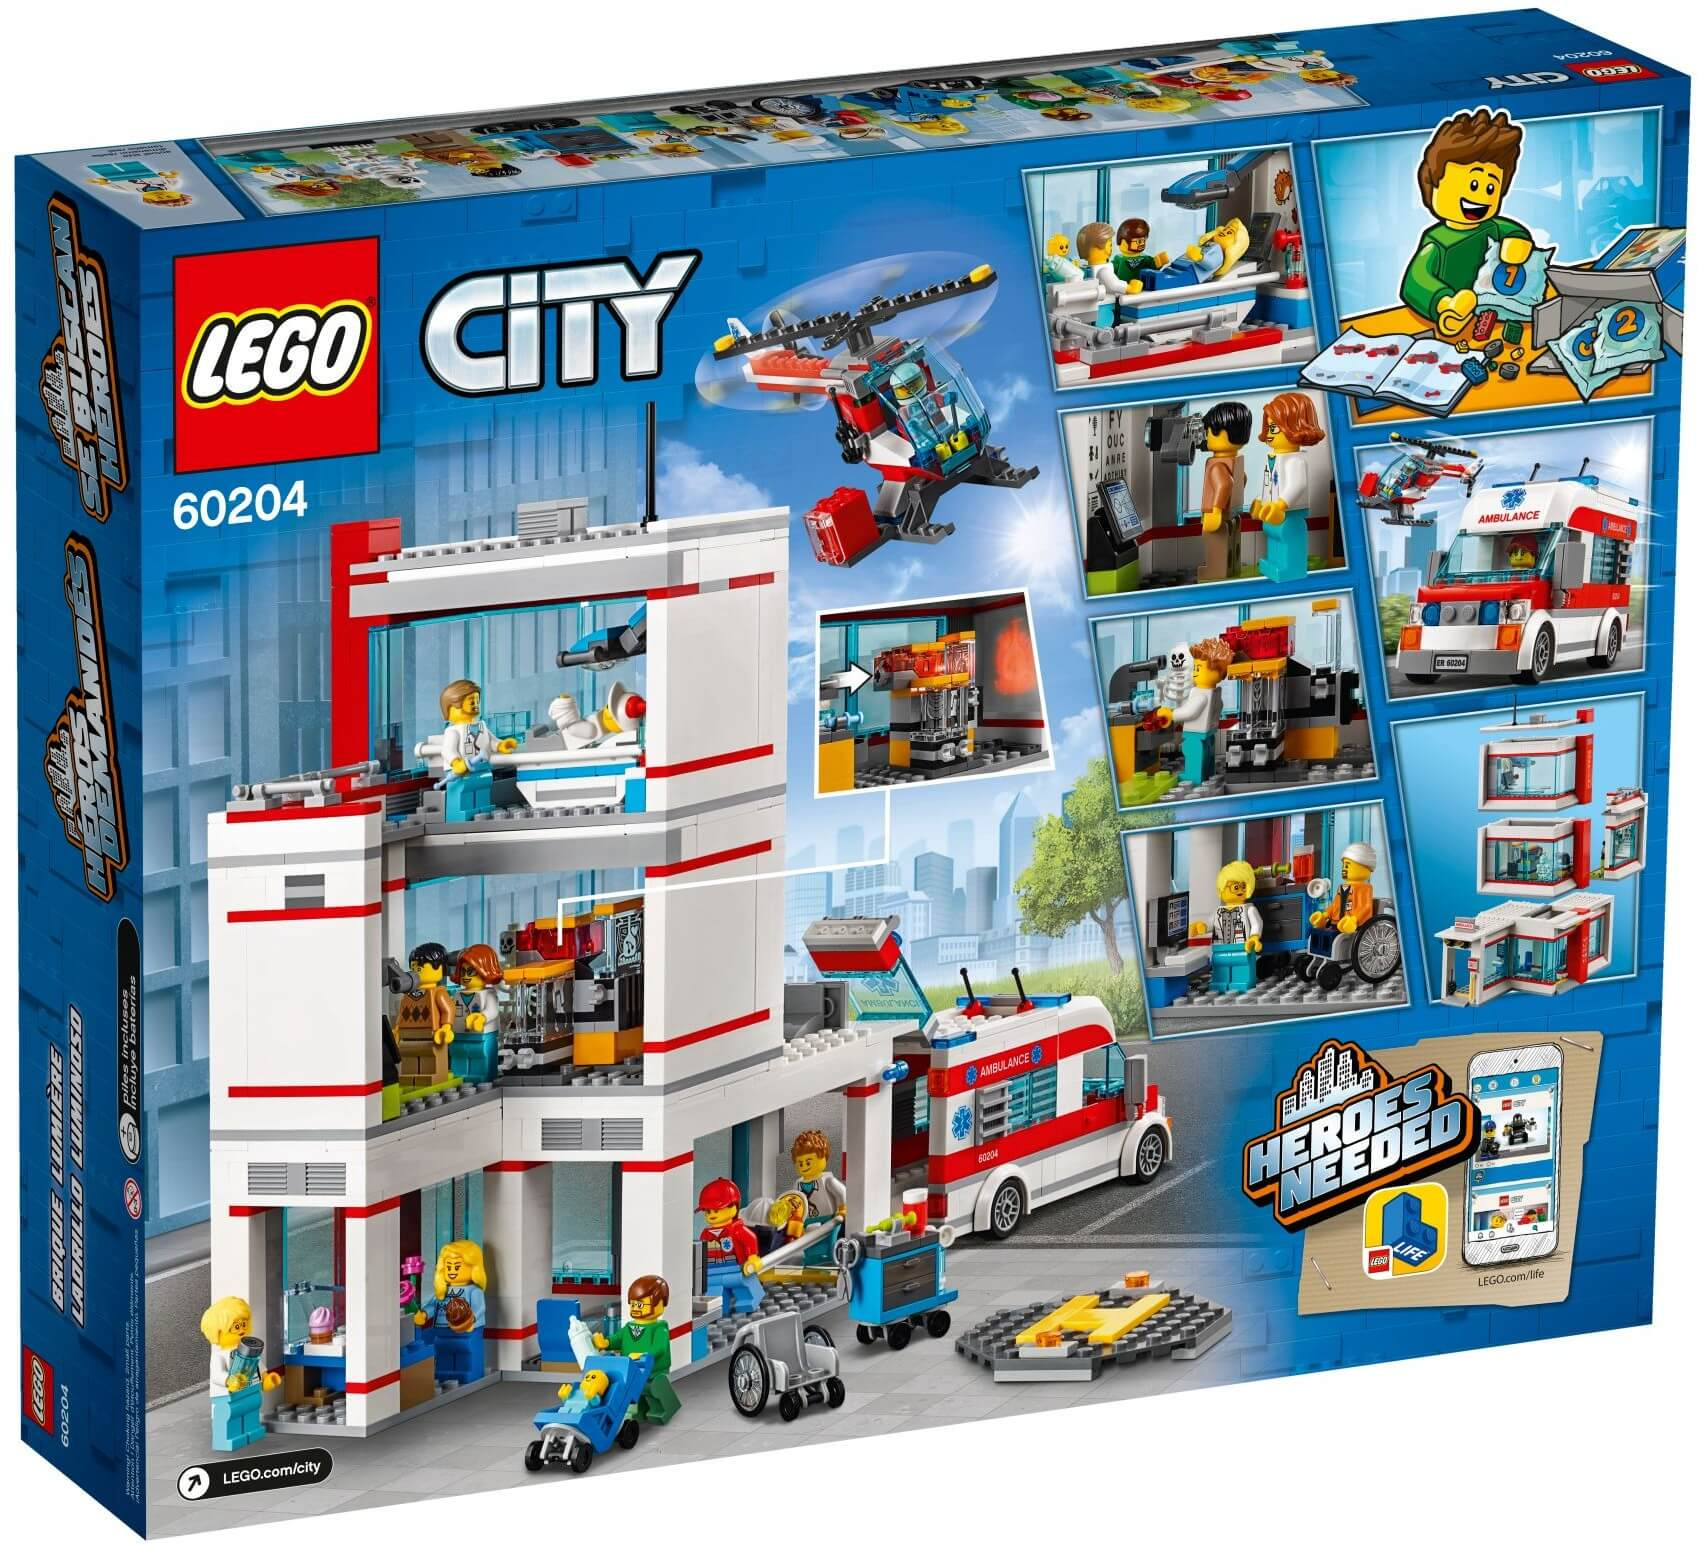 Mua đồ chơi LEGO 60204 - LEGO City 60204 - Bệnh Viện Thành Phố (LEGO 60204 City Hospital)